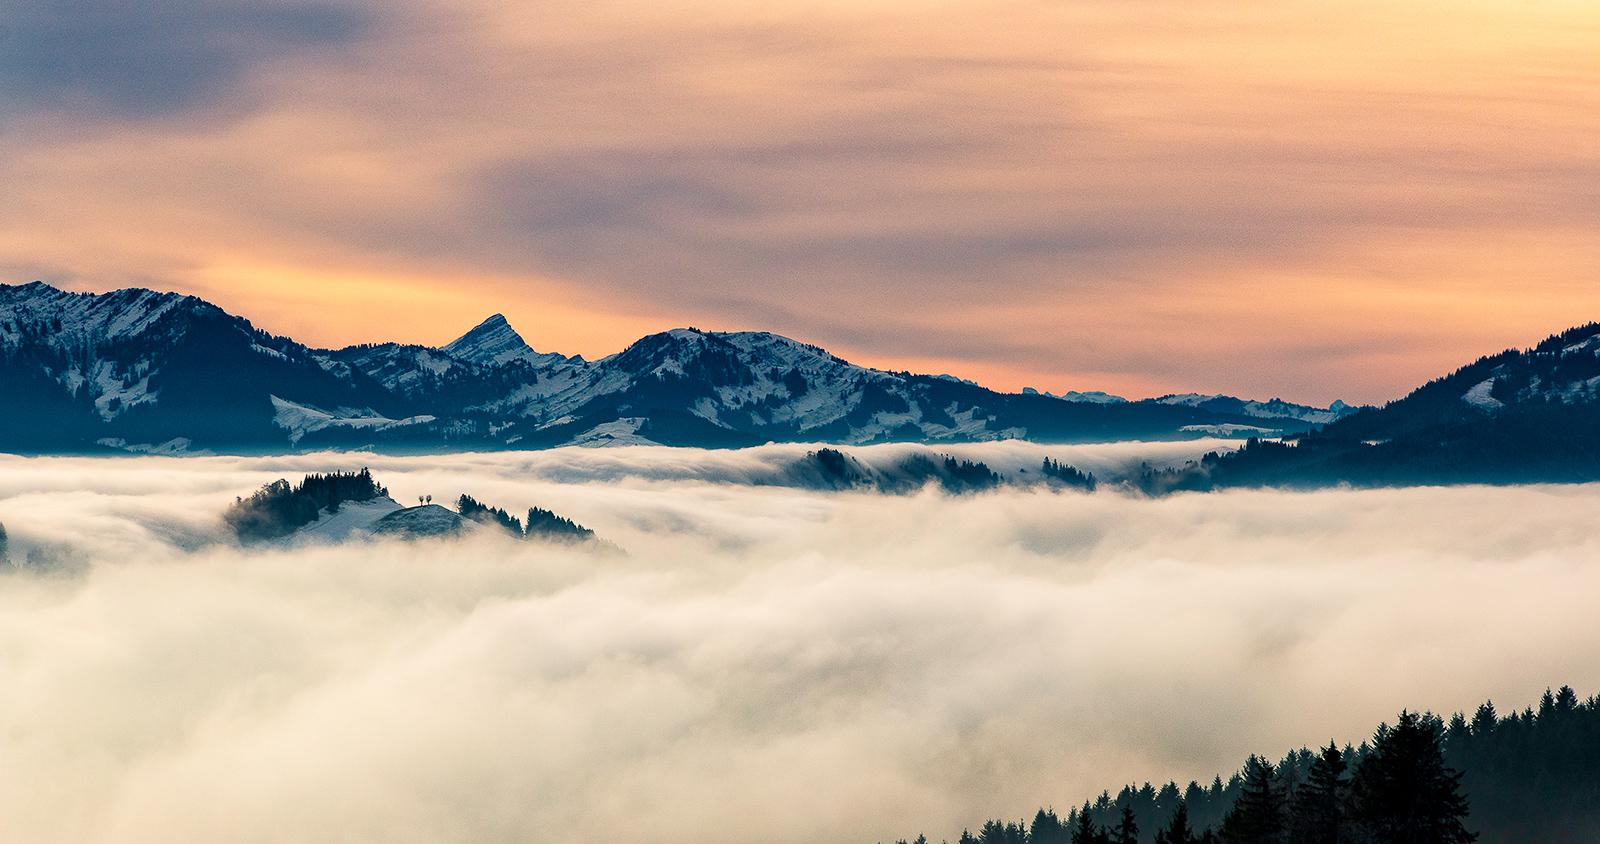 Dezember: Nebelschauspiel im Appenzell